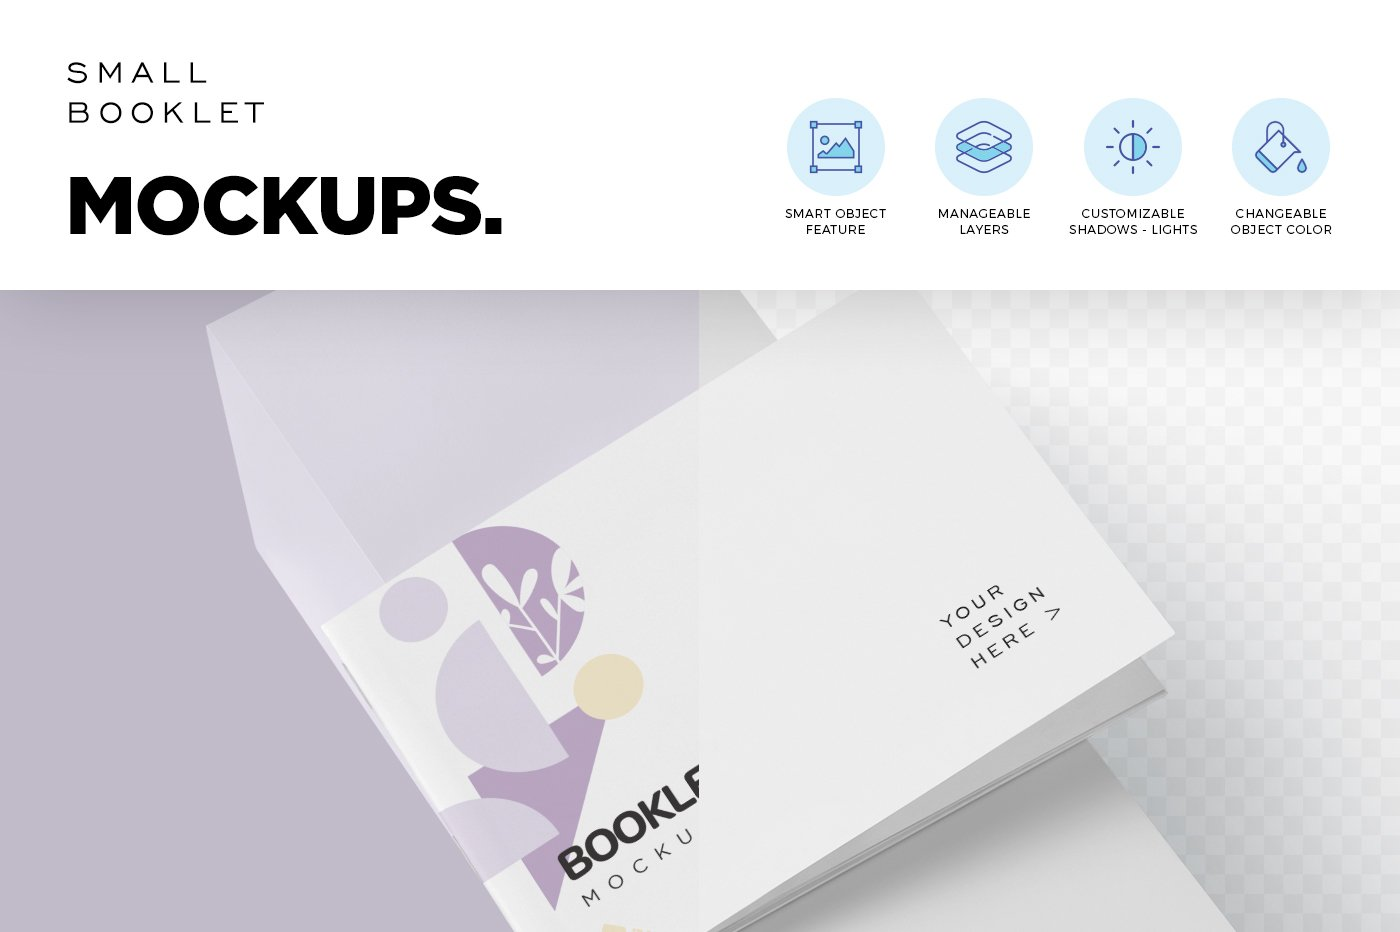 横版宣传手册画册设计展示样机模板 Landscape Booklet Mockup Templates插图(4)